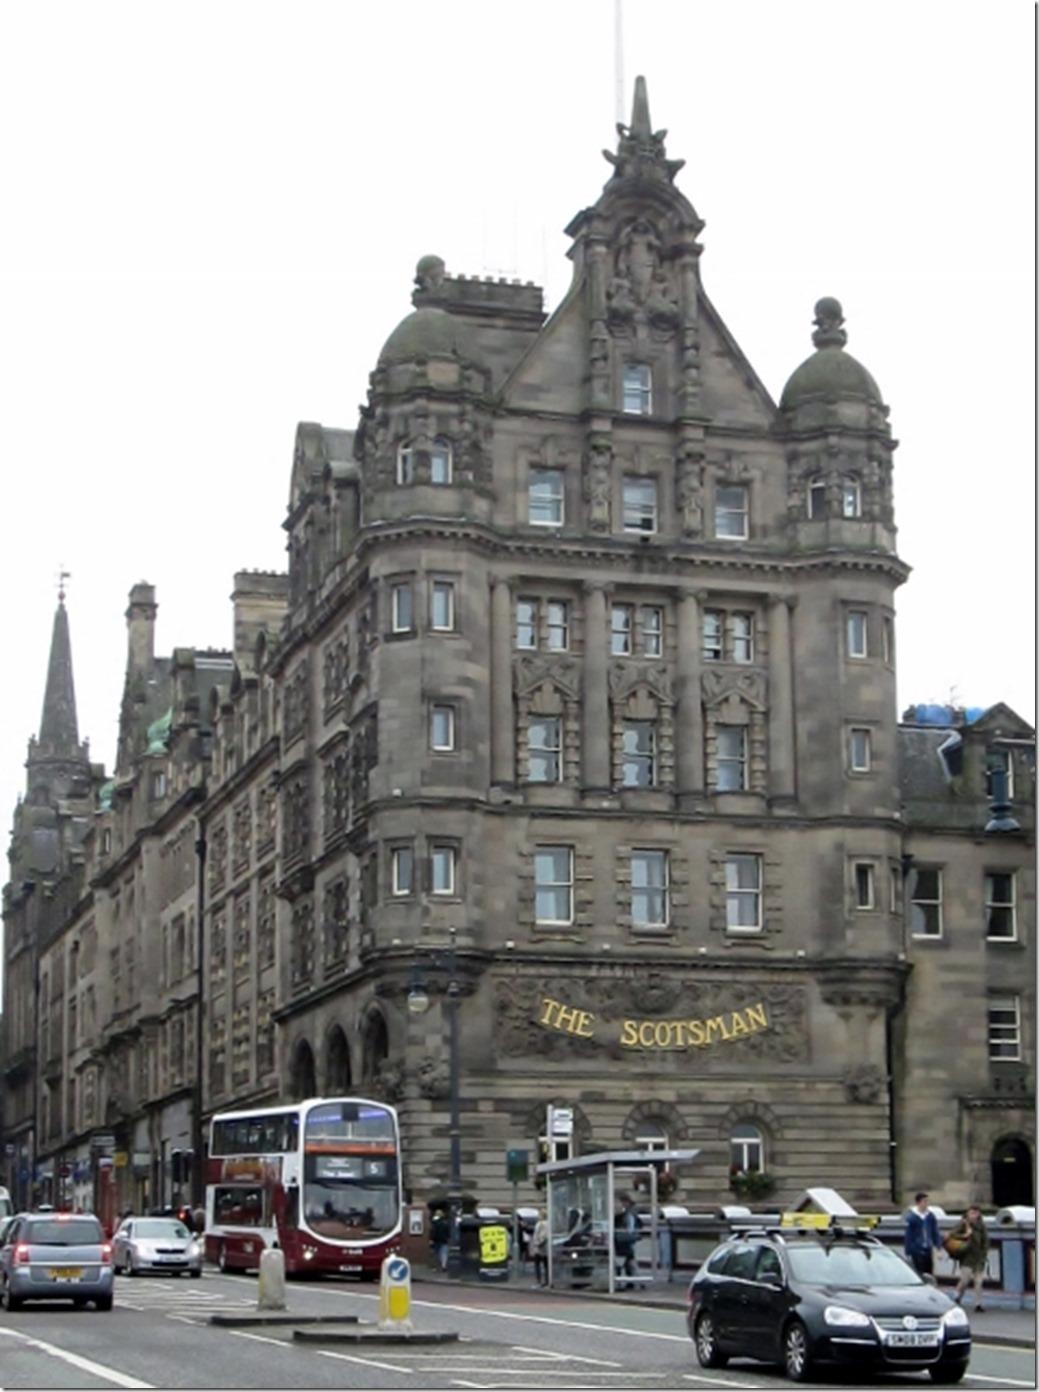 Day 19 – 9/14 – Glasgow, Scotland